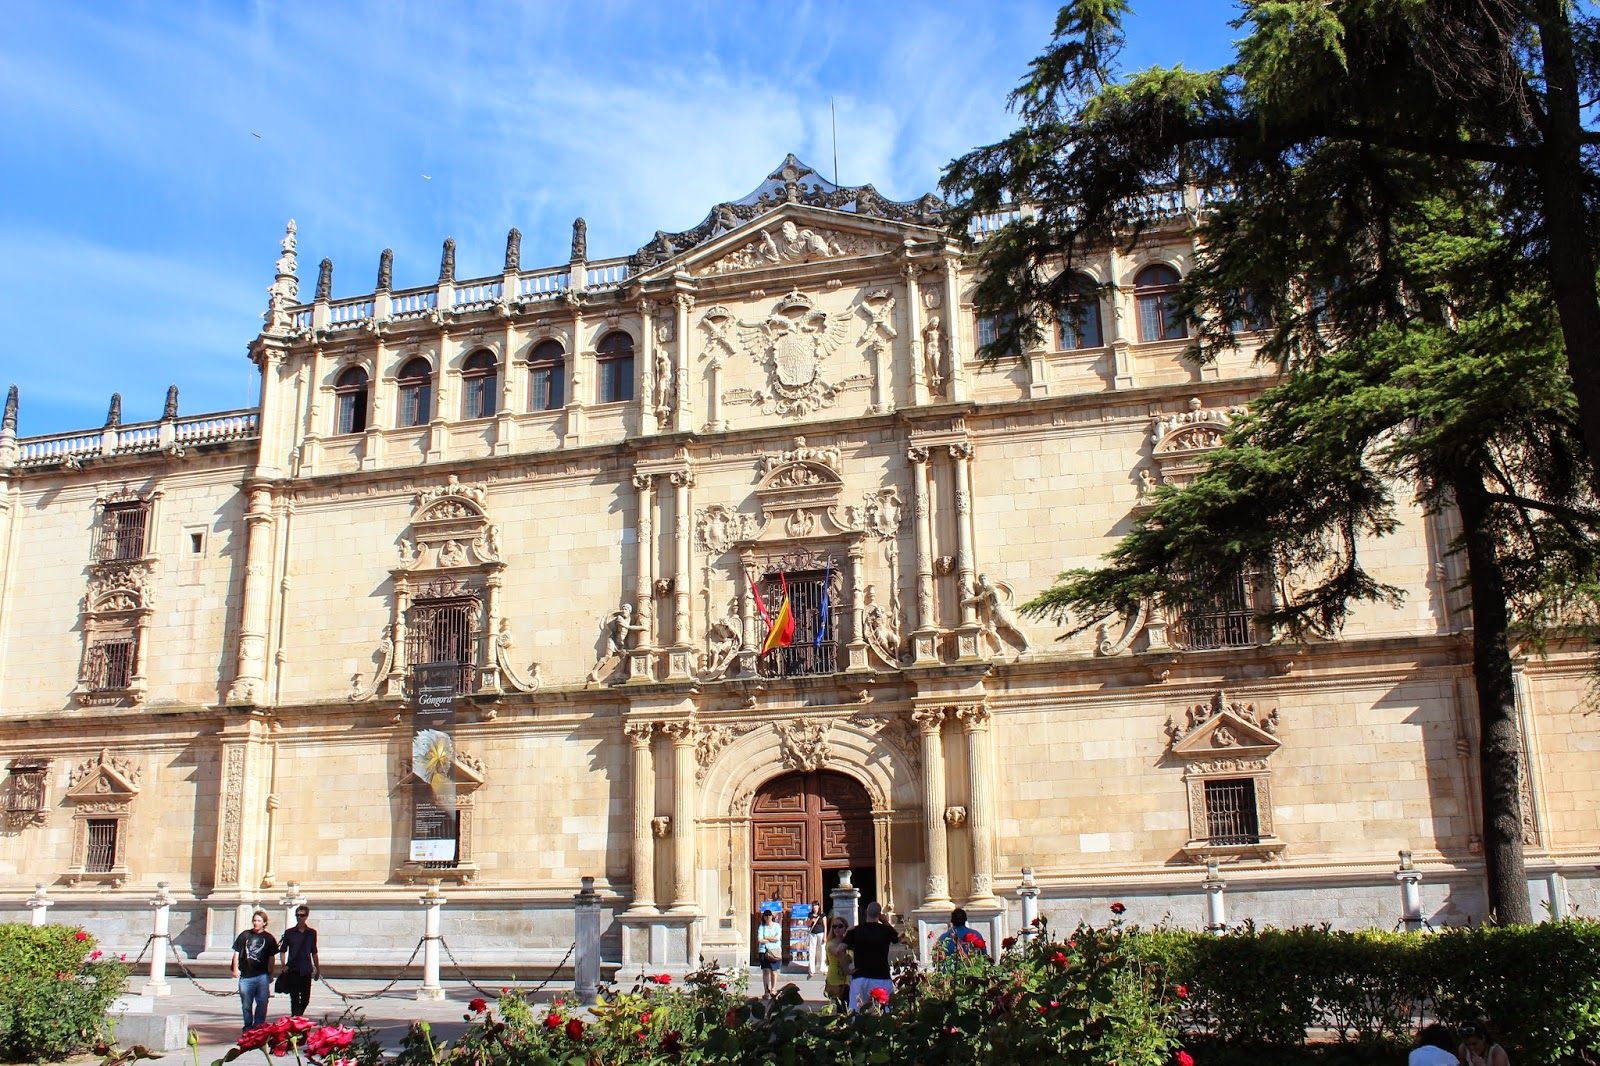 Colegio Mayor de San Idelfonso. Universidad de Alcalá de Henares